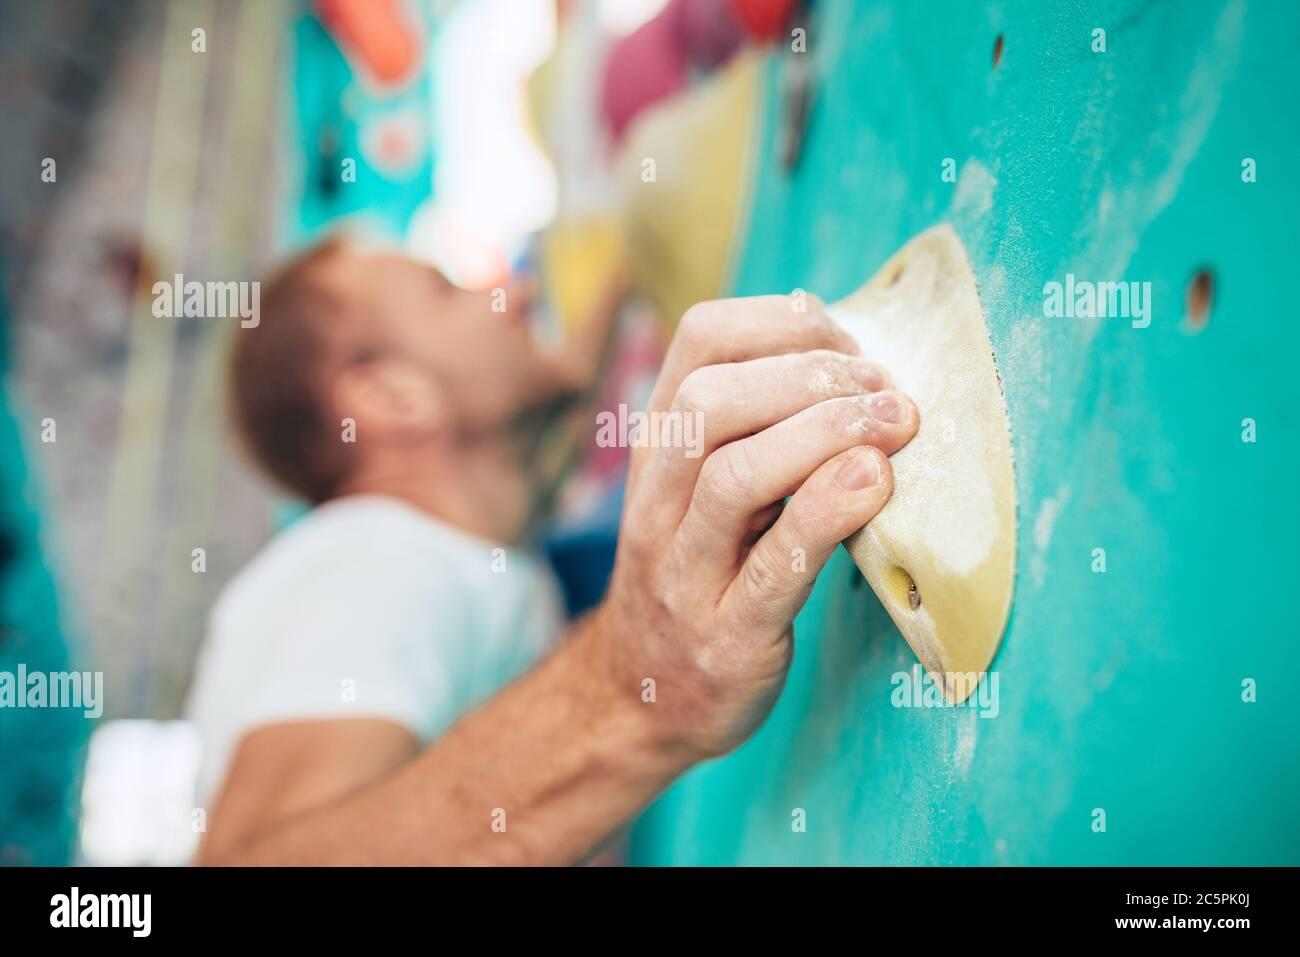 Nahaufnahme von Kreide (Magnesium) bedeckte die Handfläche des Mannes, der das Indoor-Klettergriffelement anklammerte, während der Mann aufkletterte. Unfokussierte Kletterer Gesicht auf dem Rücken Stockfoto